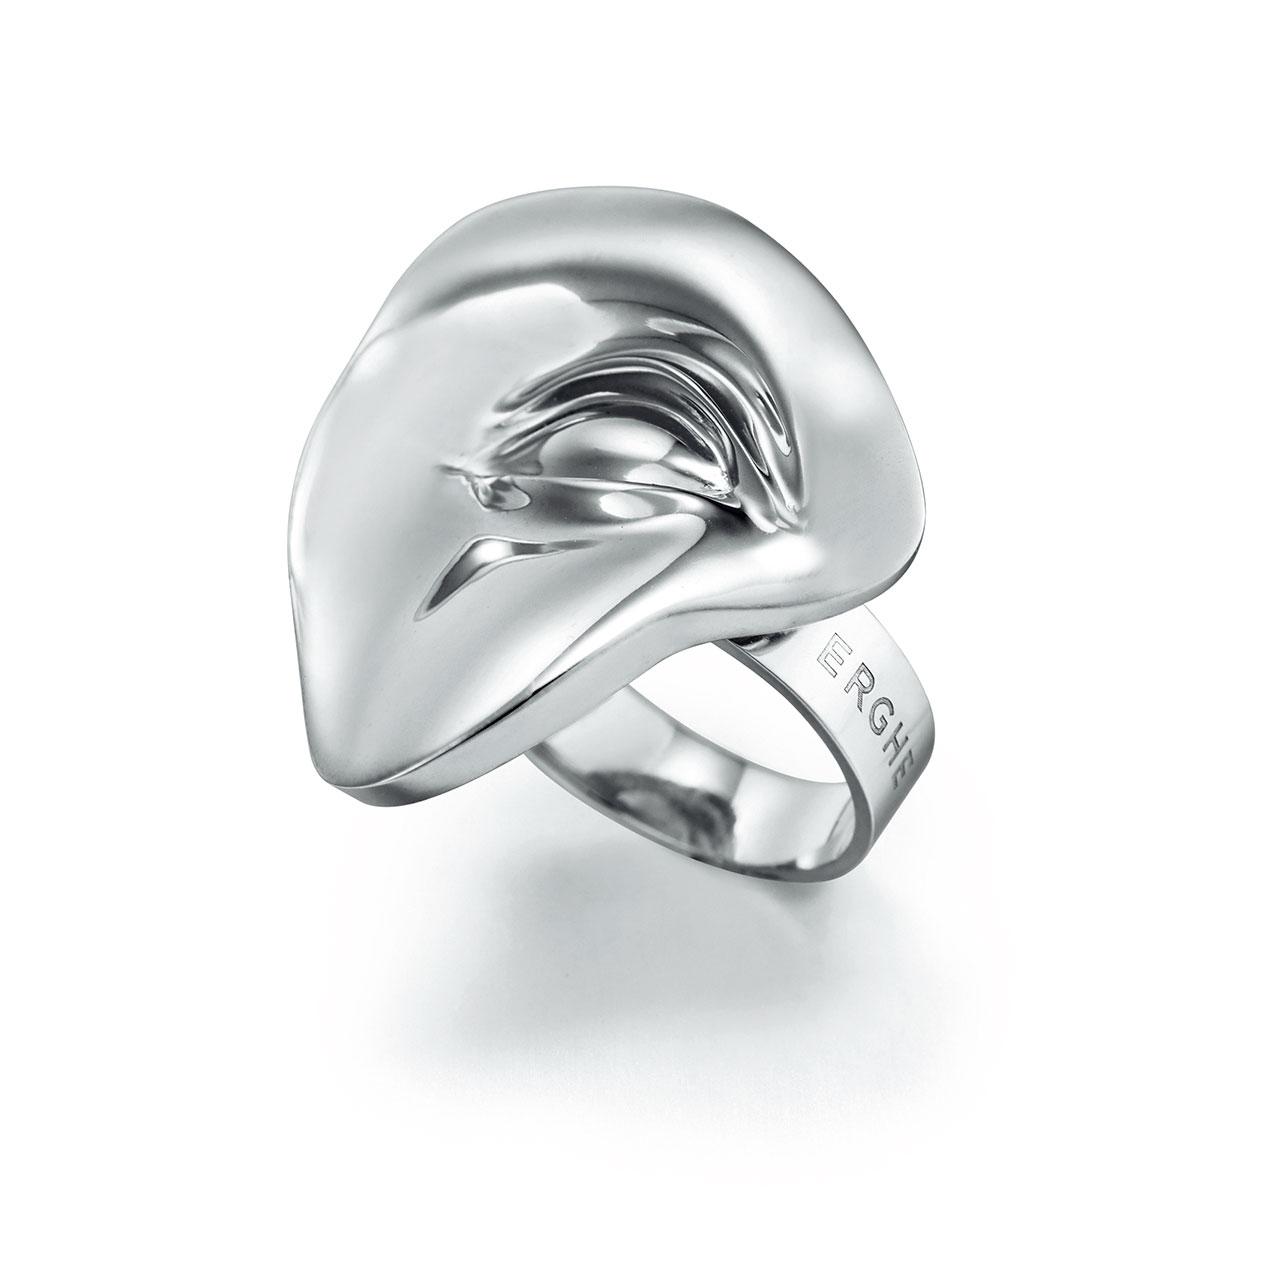 아티스틱한 형태의 반지는 15만8천원으로 Erghe